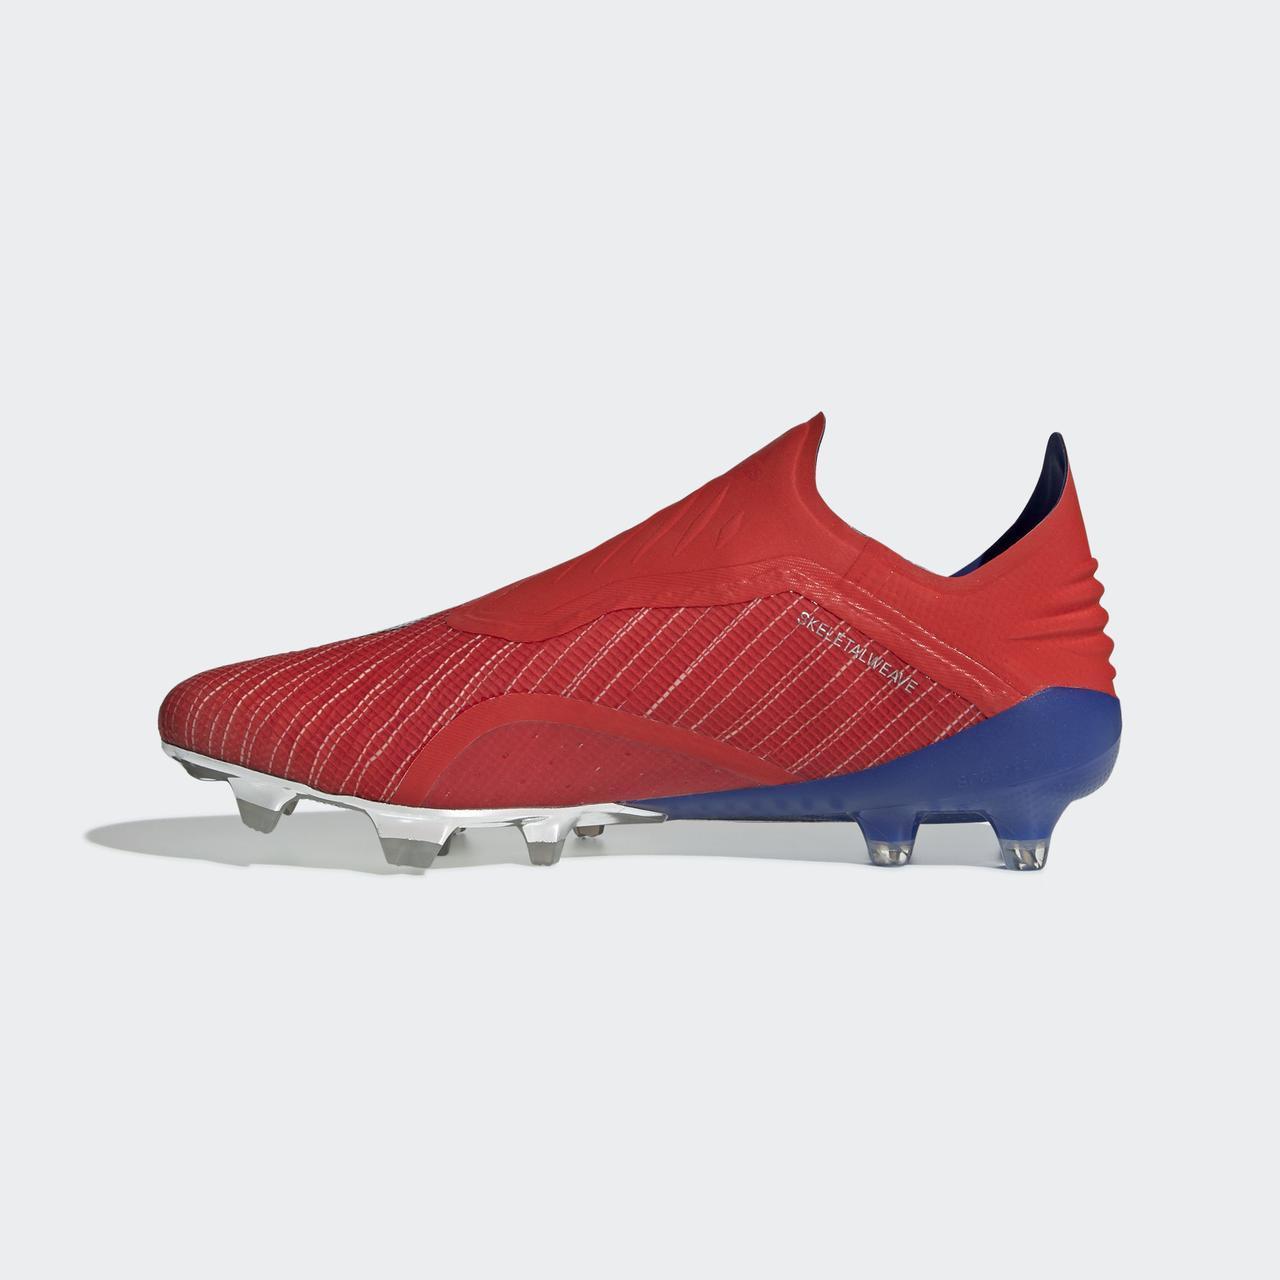 9615ff8c Футбольные бутсы Adidas X 18+ FG BB9337 - 2019: продажа, цена в ...